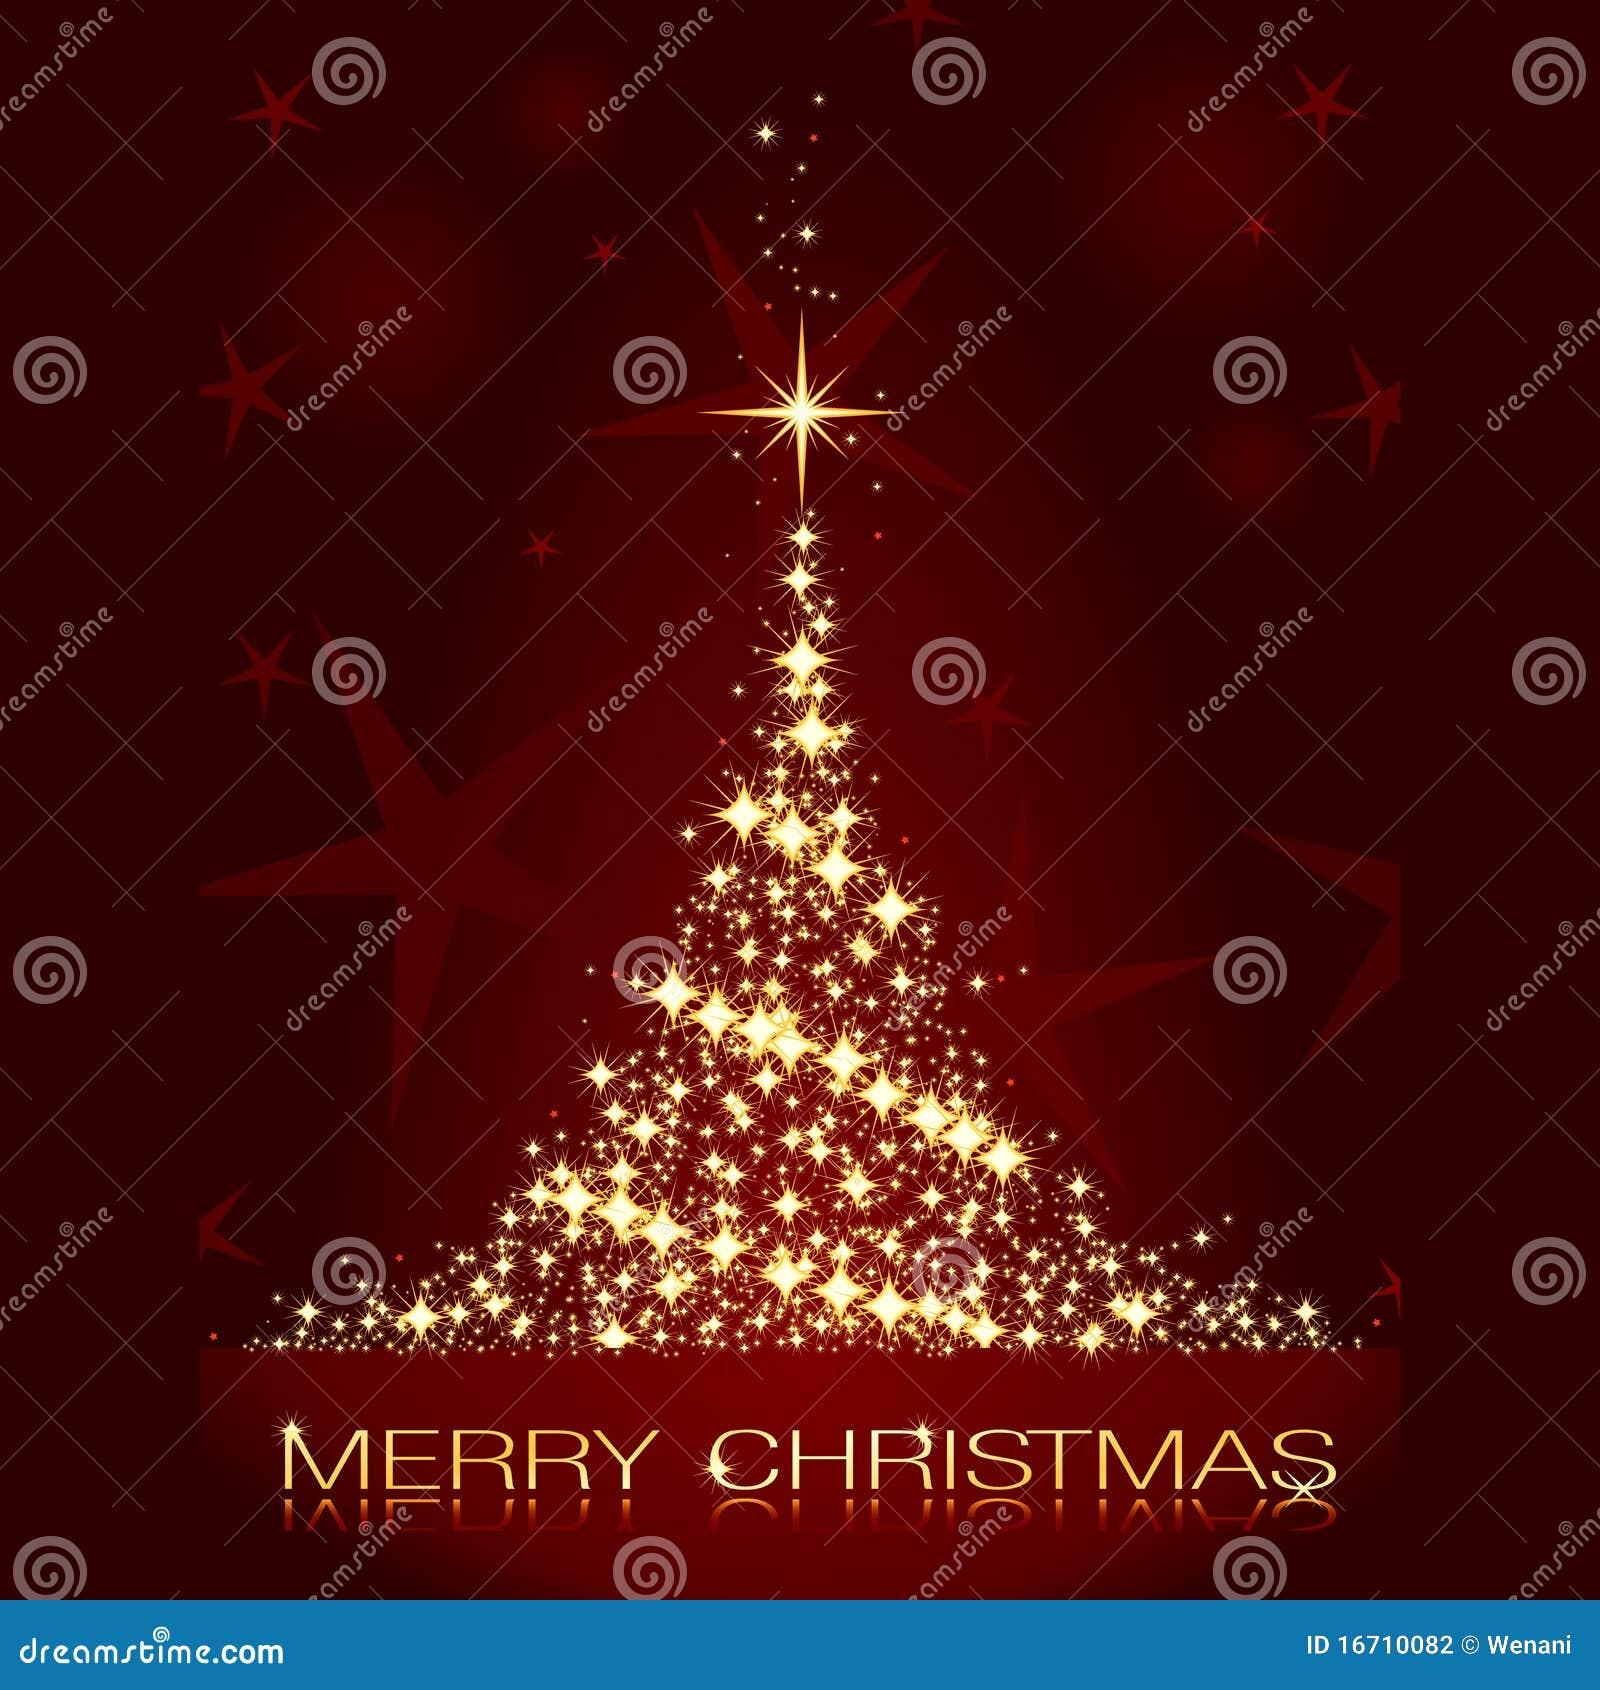 decoracao arvore de natal vermelha e dourada:Árvore De Natal Dourada Vermelha Fotografia de Stock – Imagem